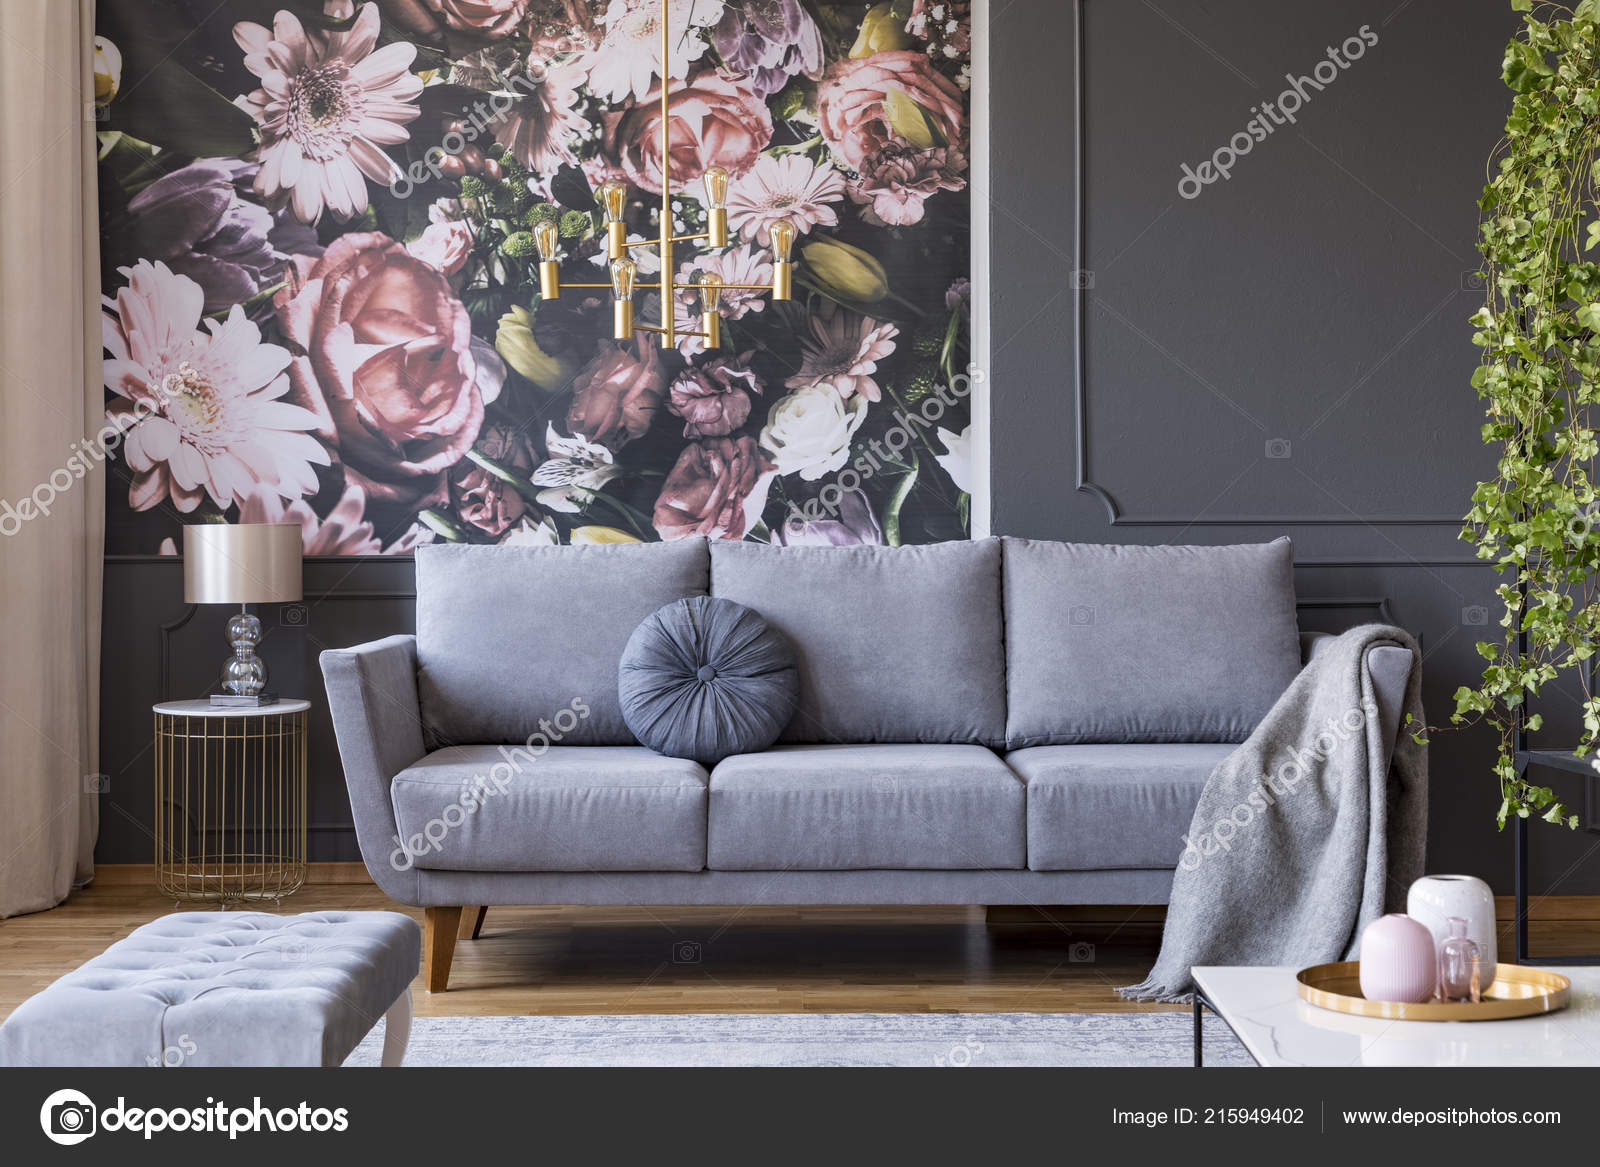 Decke Auf Graue Couch Wohnzimmer Interieur Mit Blumen Tapete Und